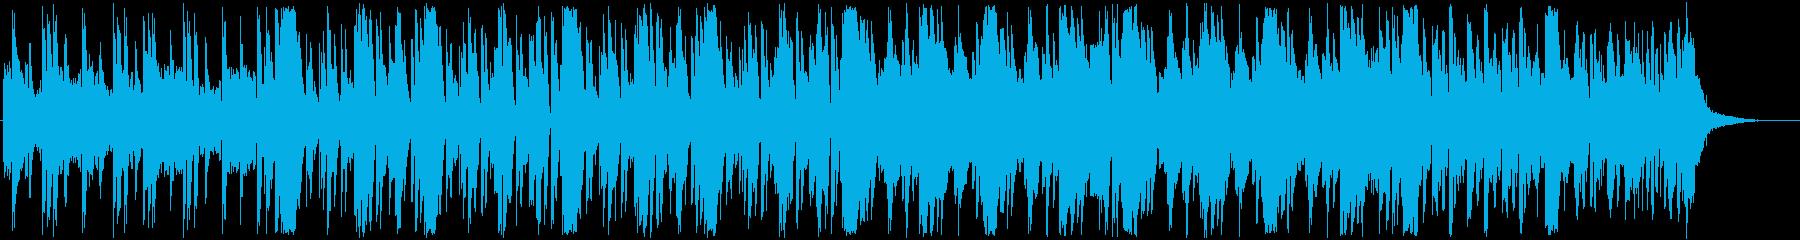 中東 アラビア風 砂漠 オアシス EDMの再生済みの波形